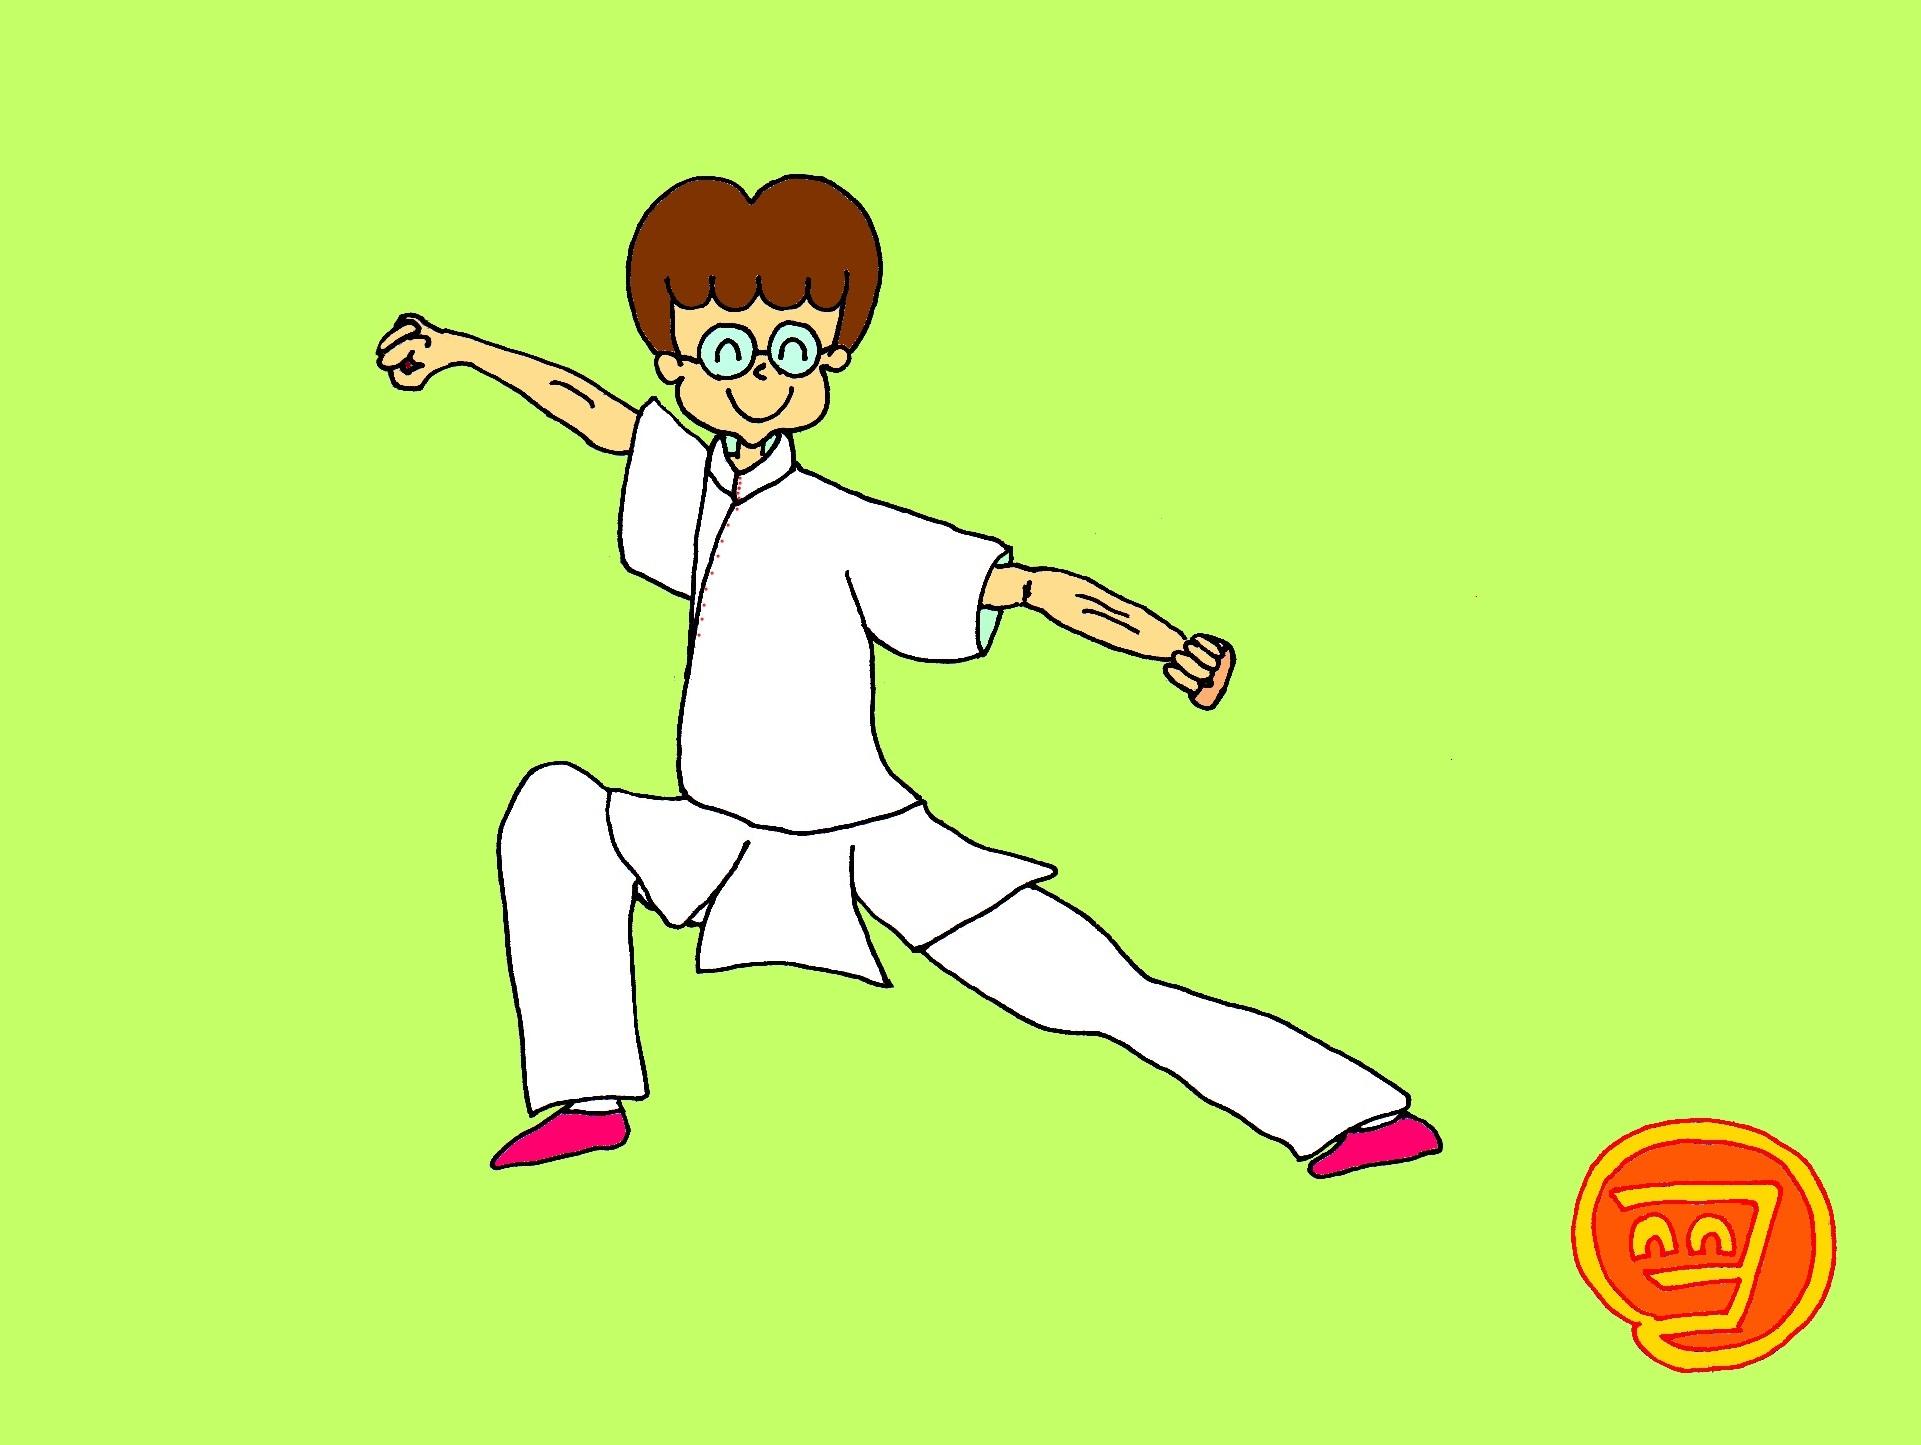 太極拳(入門、初級、24式)の覚え方はこれ!